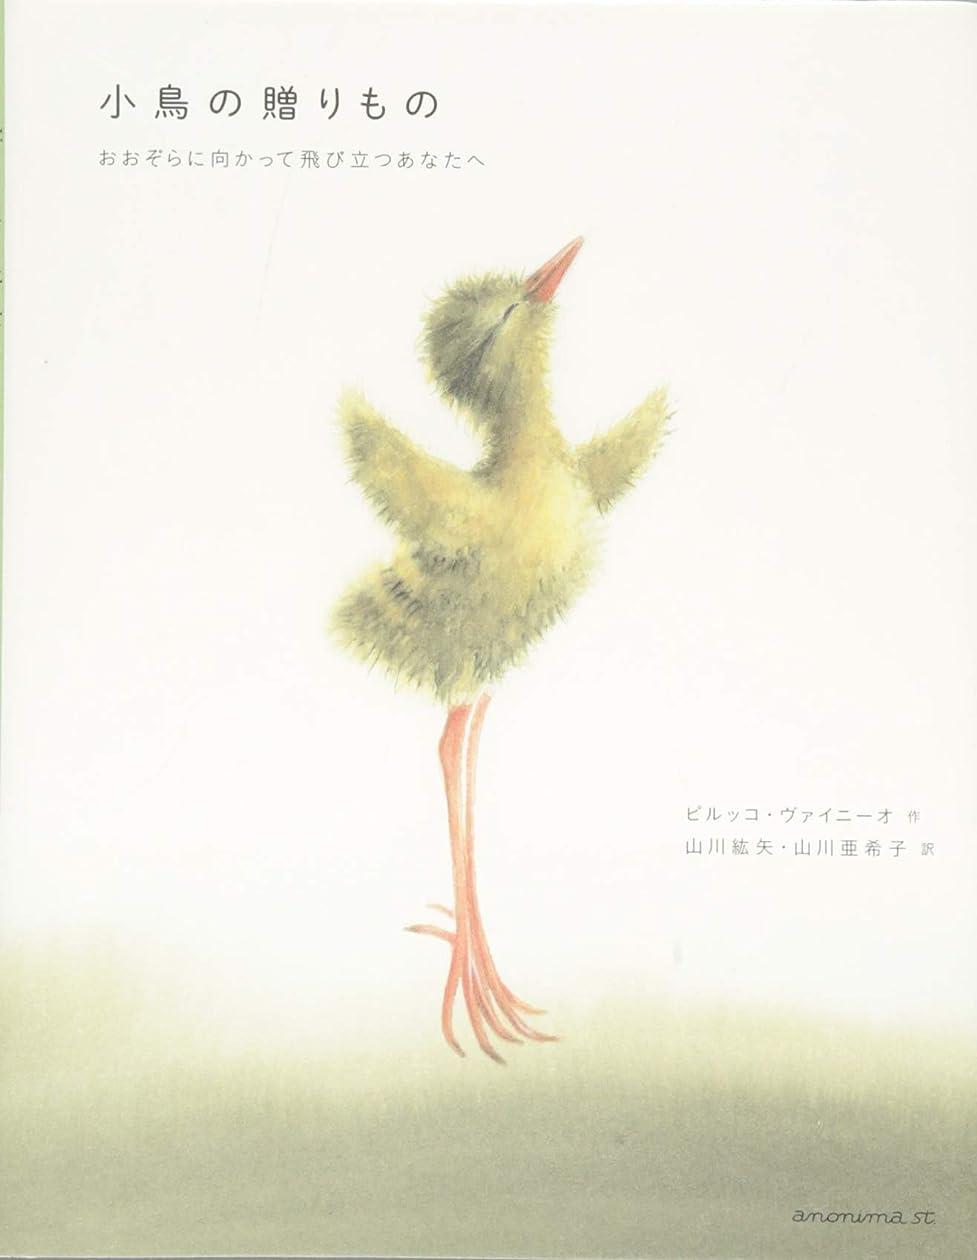 増加する回転本能小鳥の贈りもの―おおぞらに向かって飛び立つあなたへ